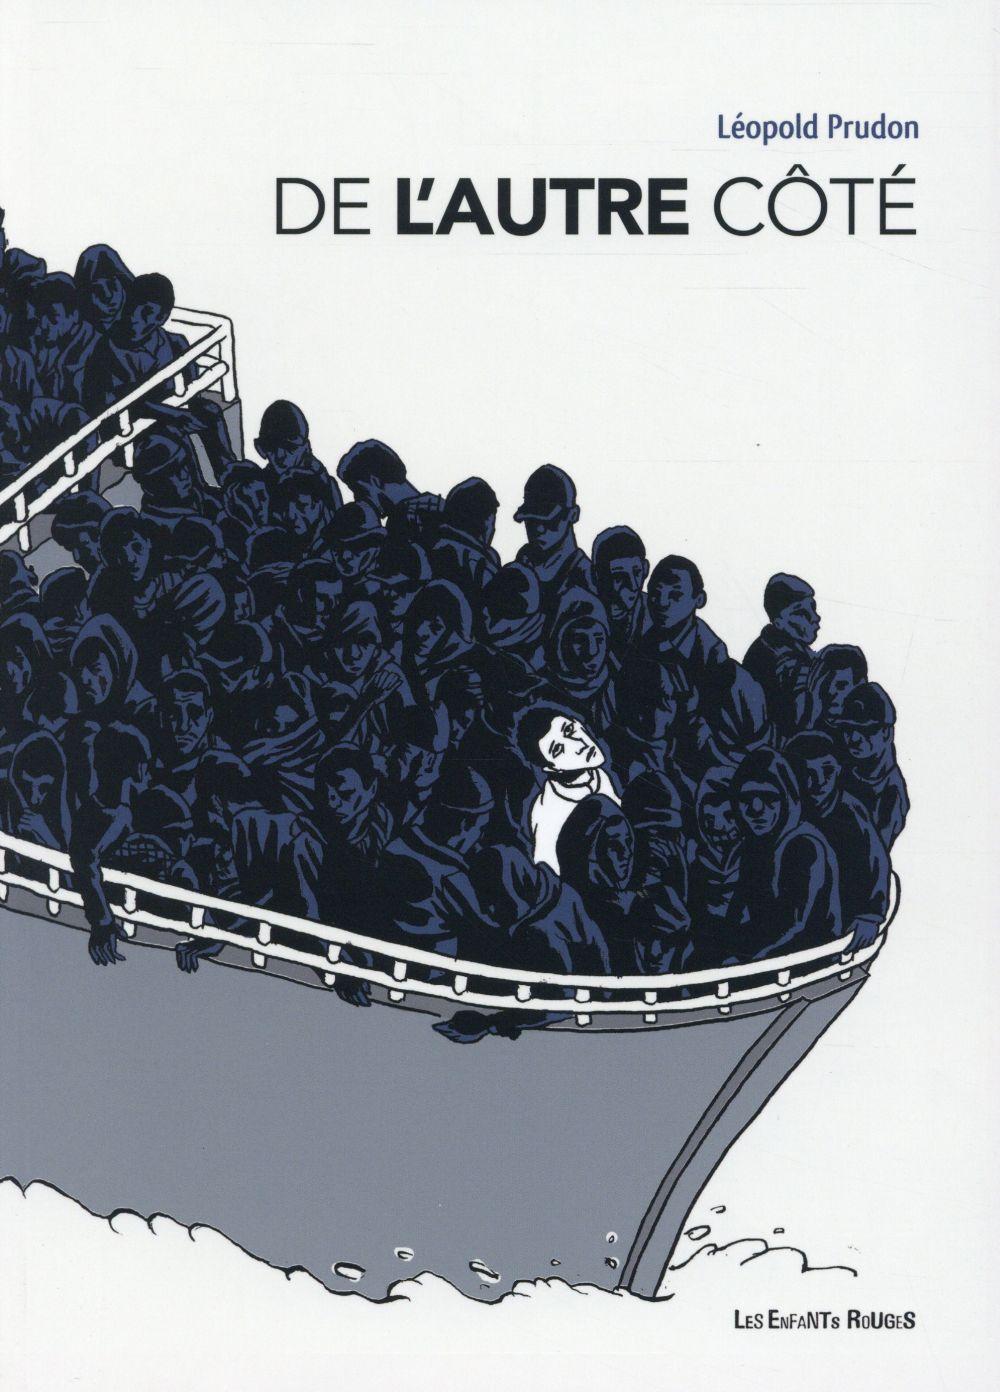 DE L'AUTRE COTE